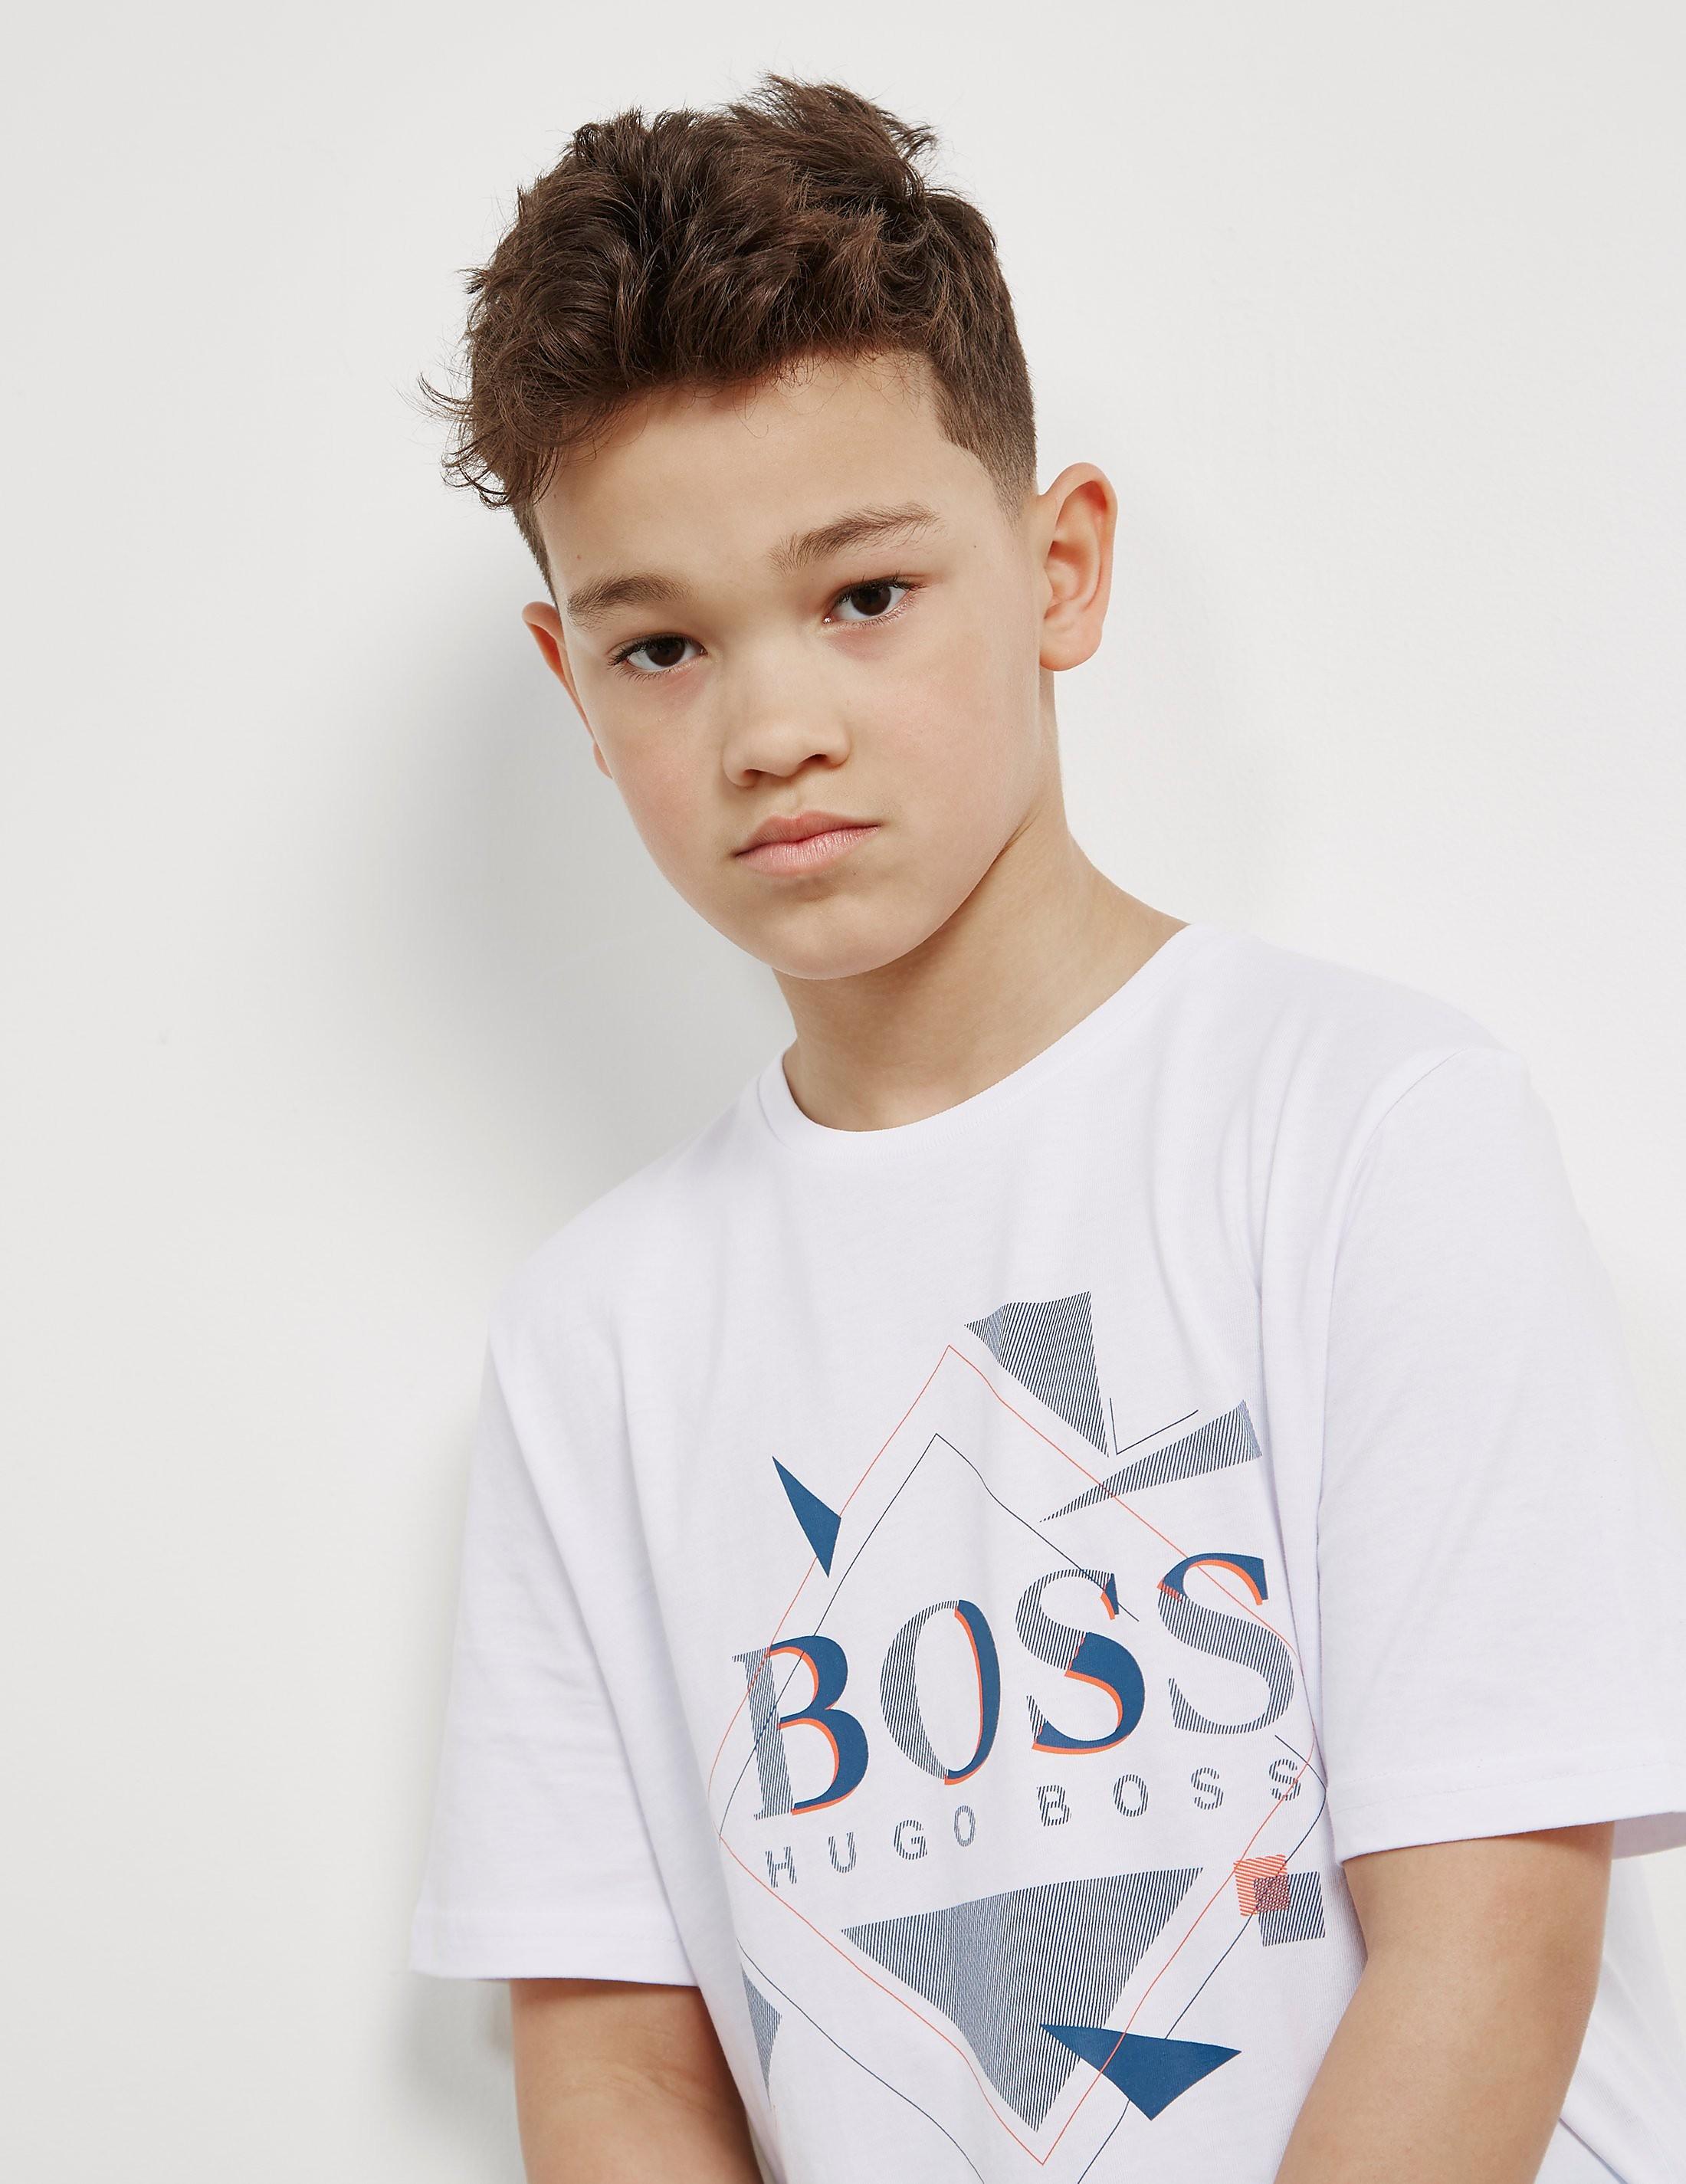 BOSS Kids Shapes Short Sleeve T-Shirt